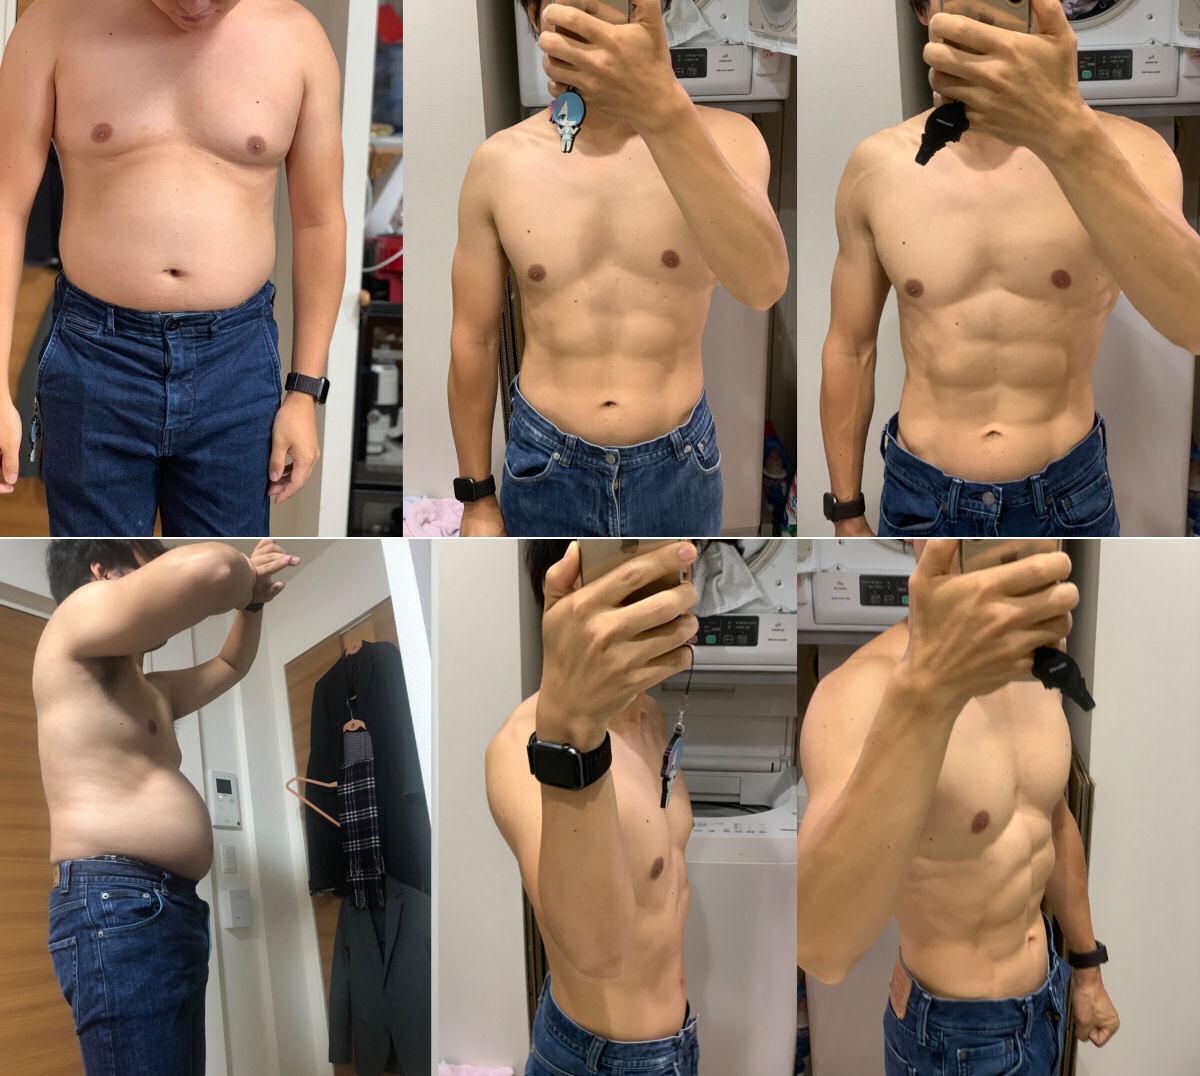 Japonês afirma que este treino diário de 4 minutos transformou o seu corpo em 5 meses